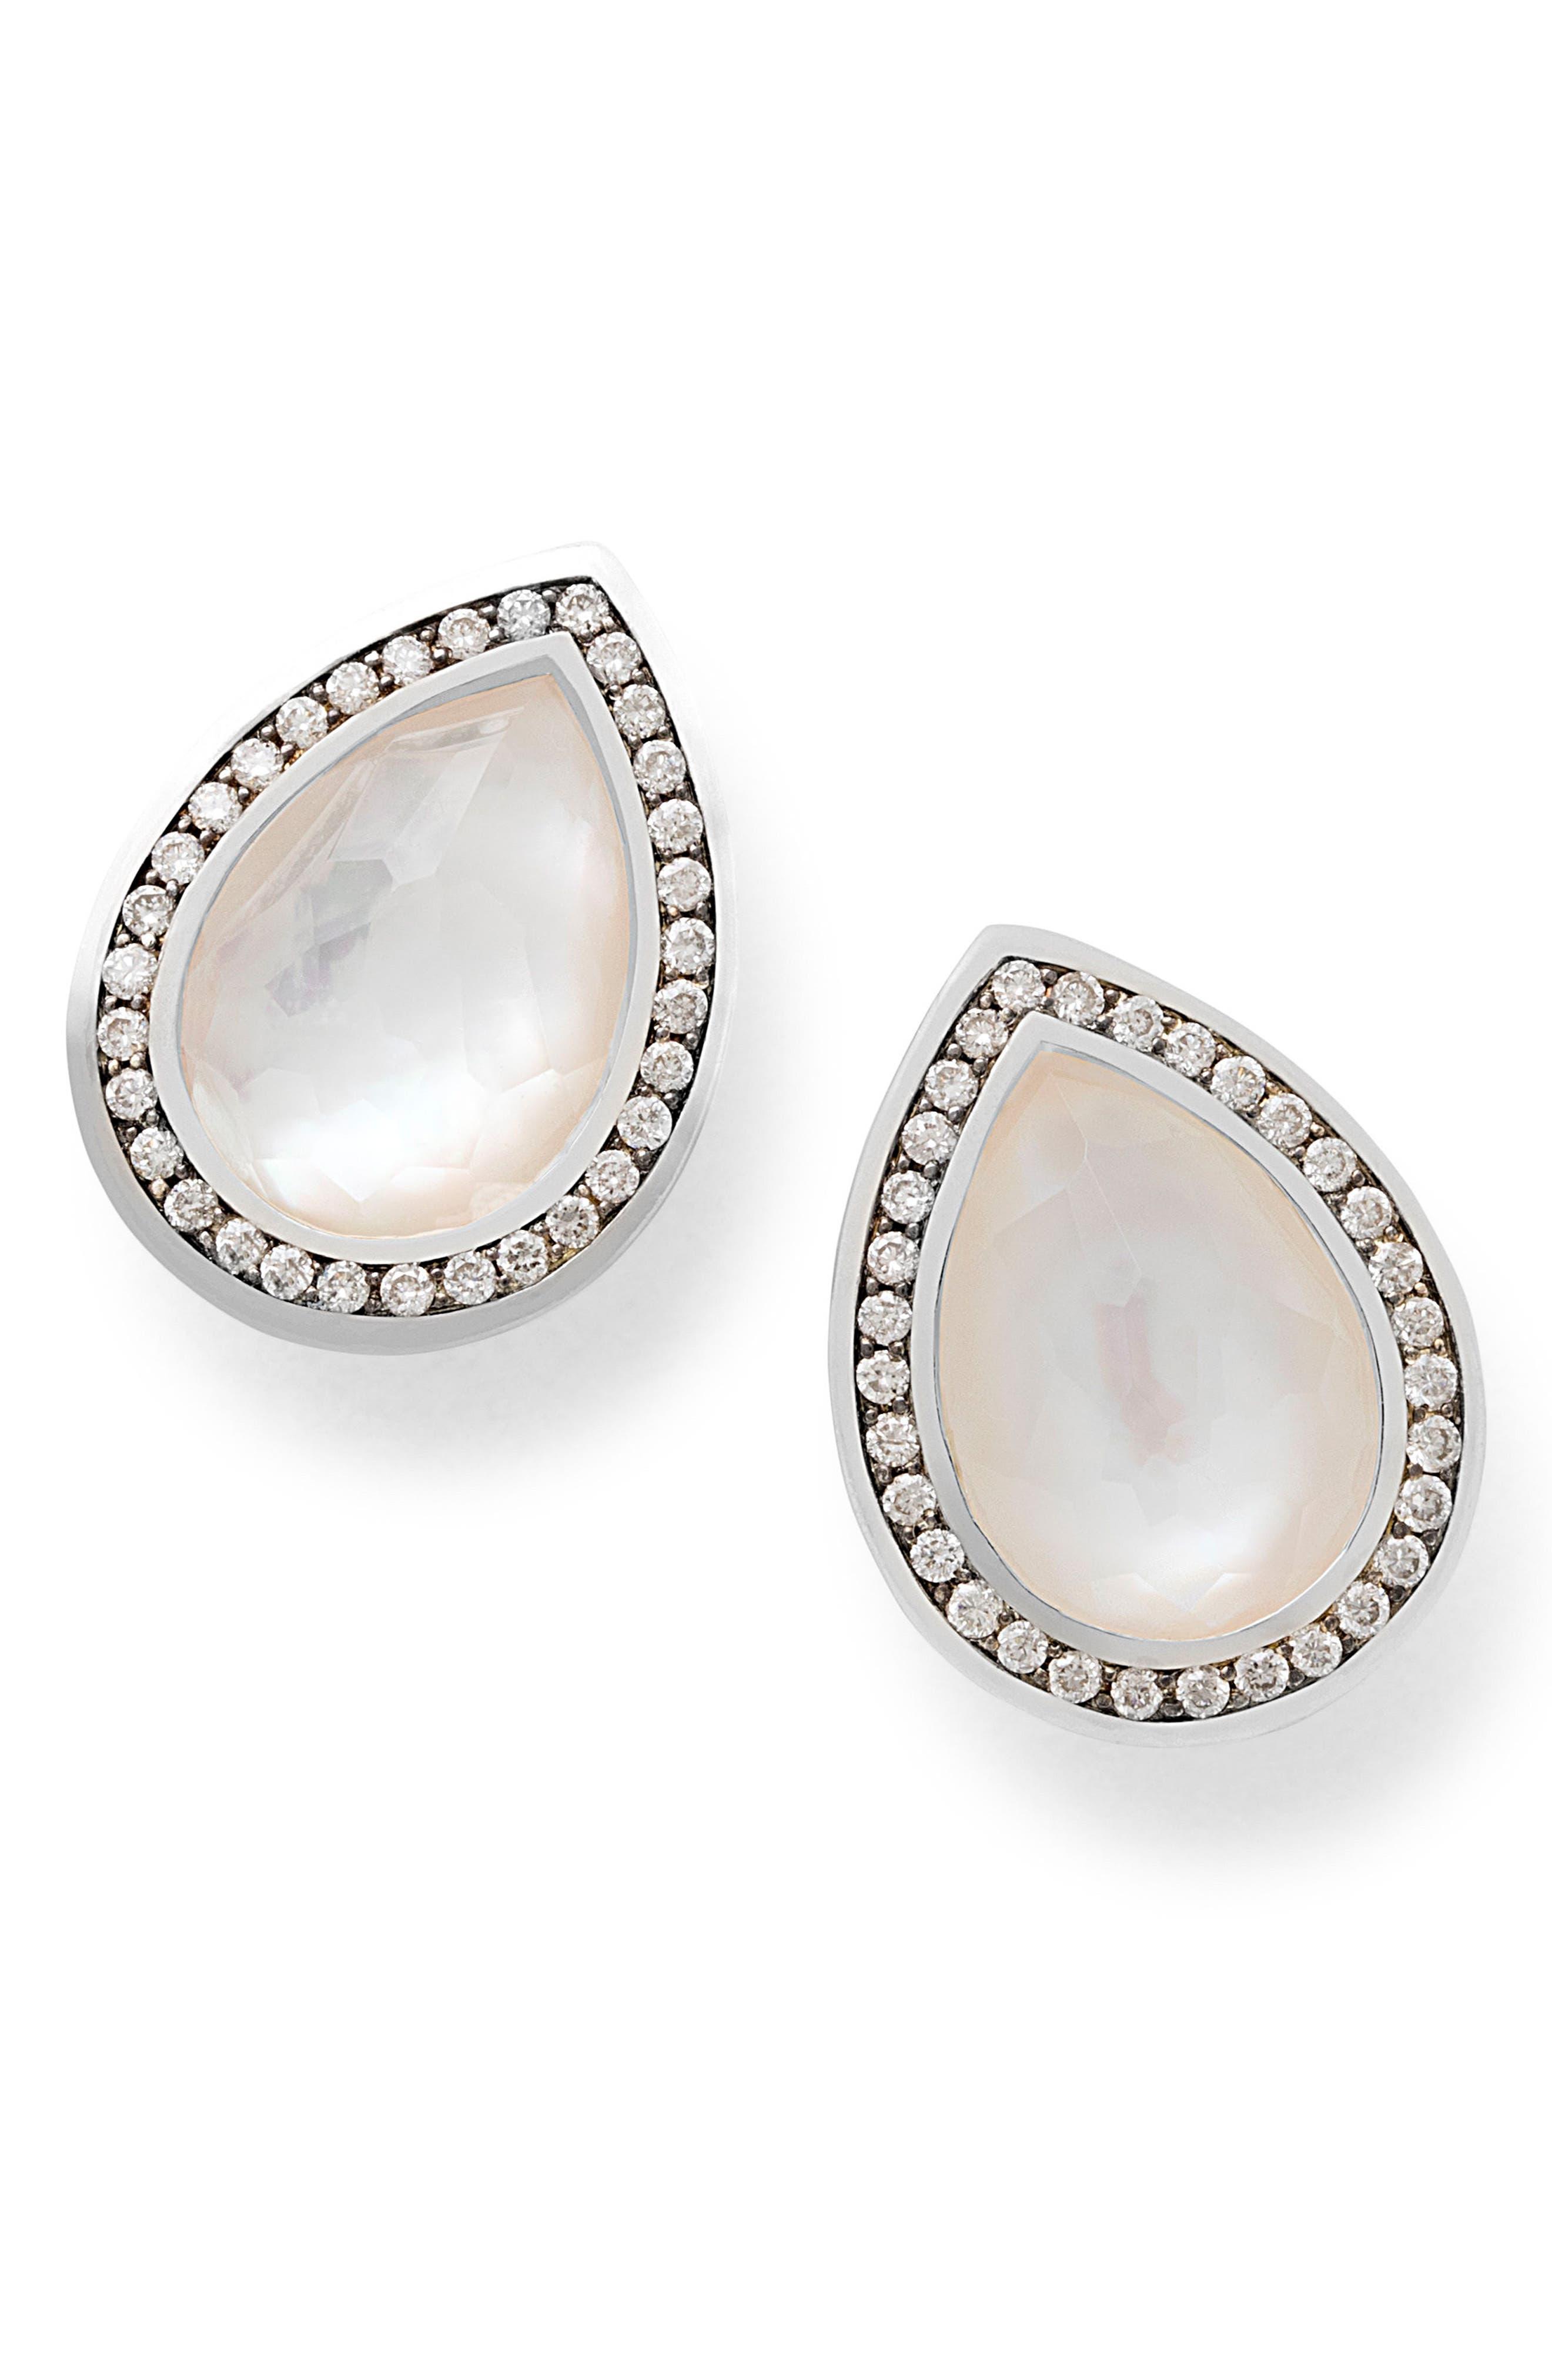 Main Image - Ippolita Teardrop Stud Earrings